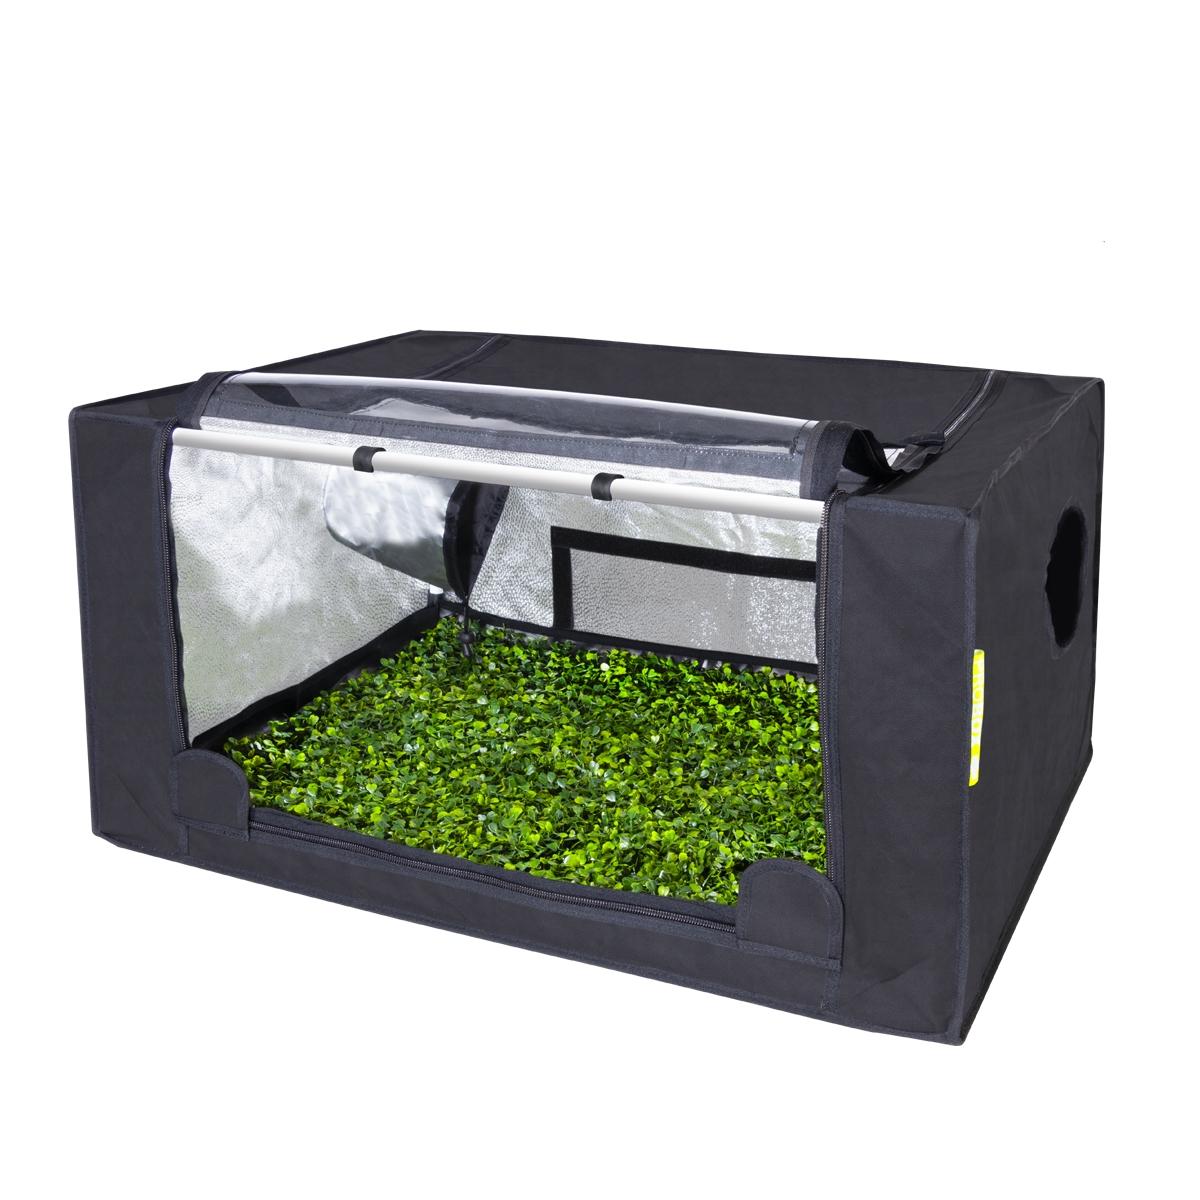 tente-propagator-garden-highpro.jpg